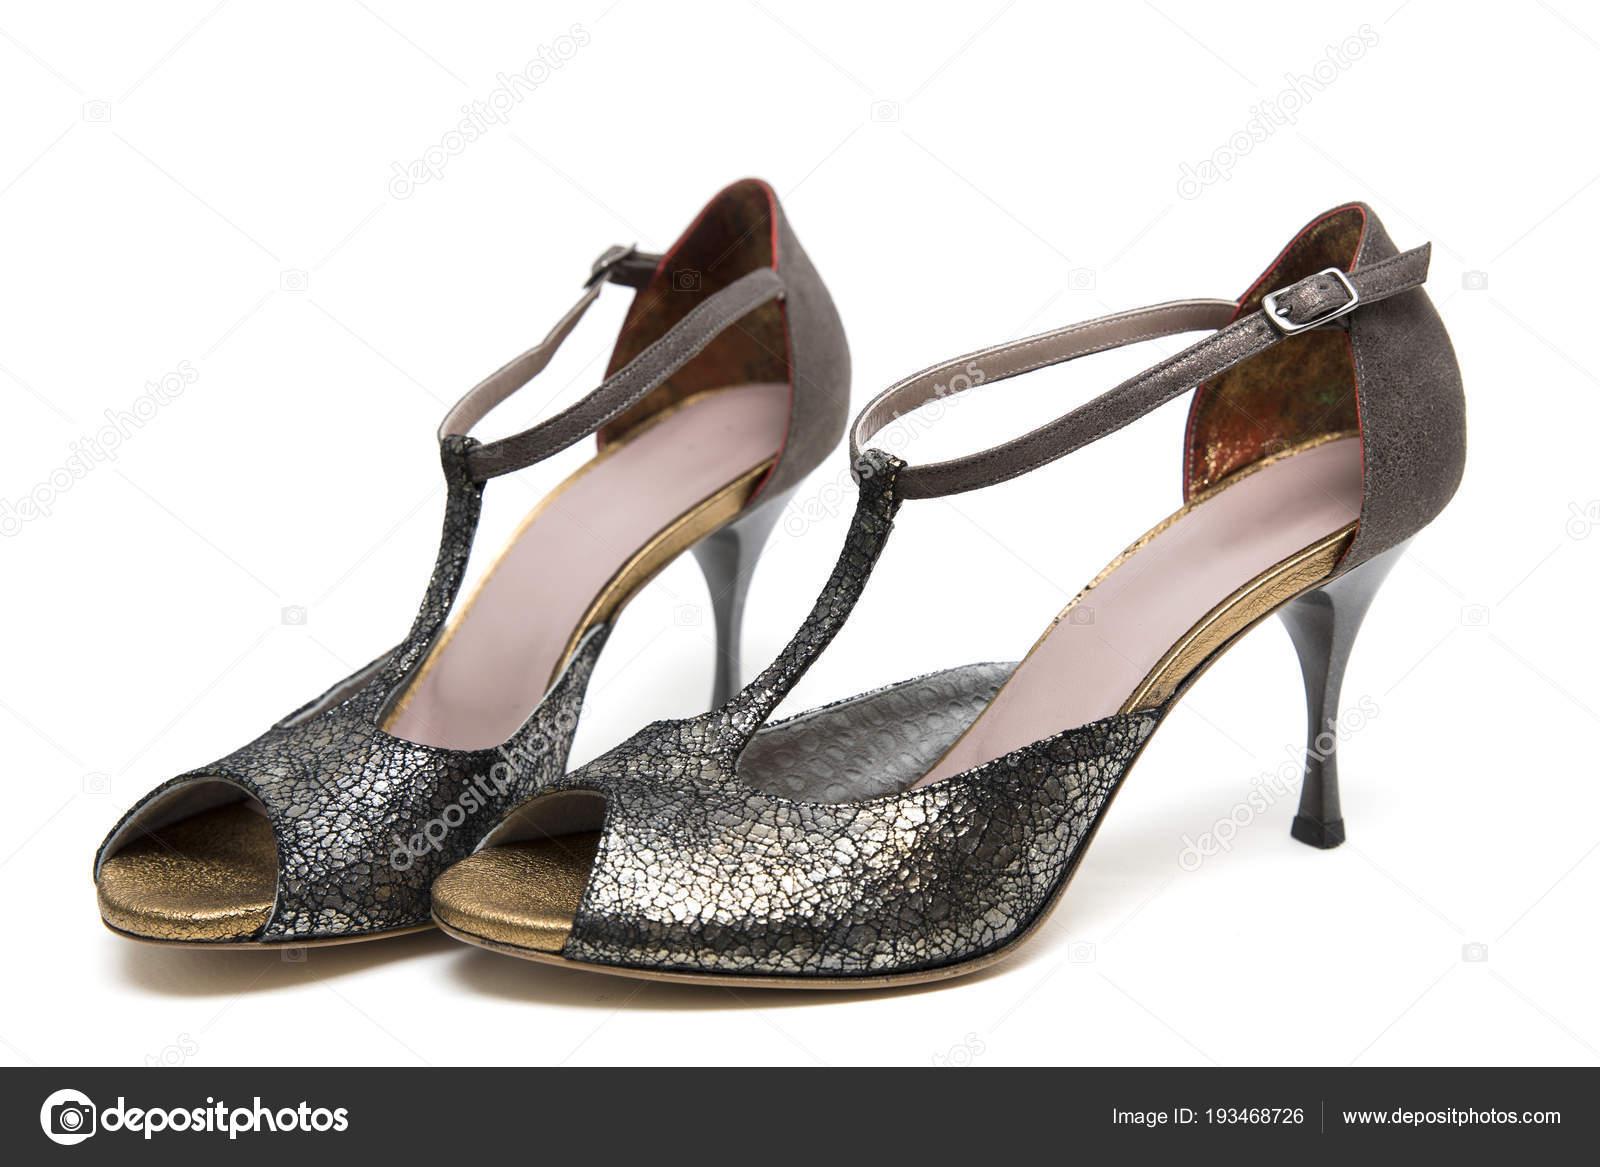 Blanc — Fond Isolés Photographie Boggy22 Femme Chaussures Sur Tango SqXIYI